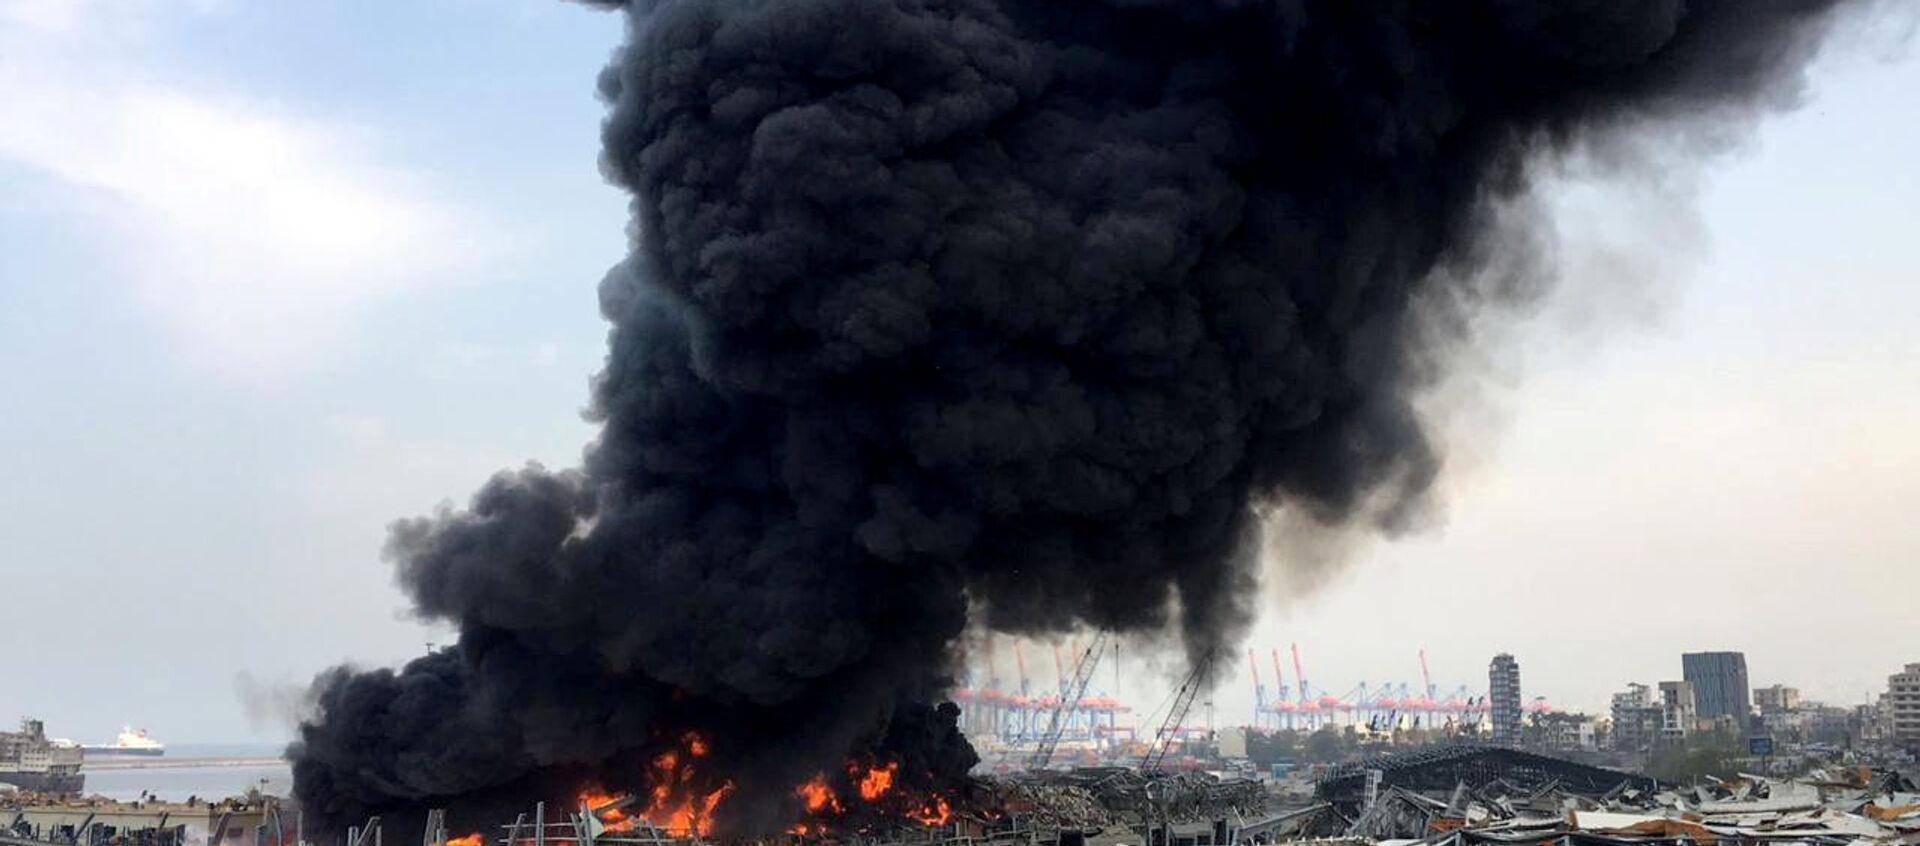 Lübnan'ın başkentinde, Beyrut Limanı'nda yangın, 10 Eylül 2020 - Sputnik Türkiye, 1920, 02.07.2021